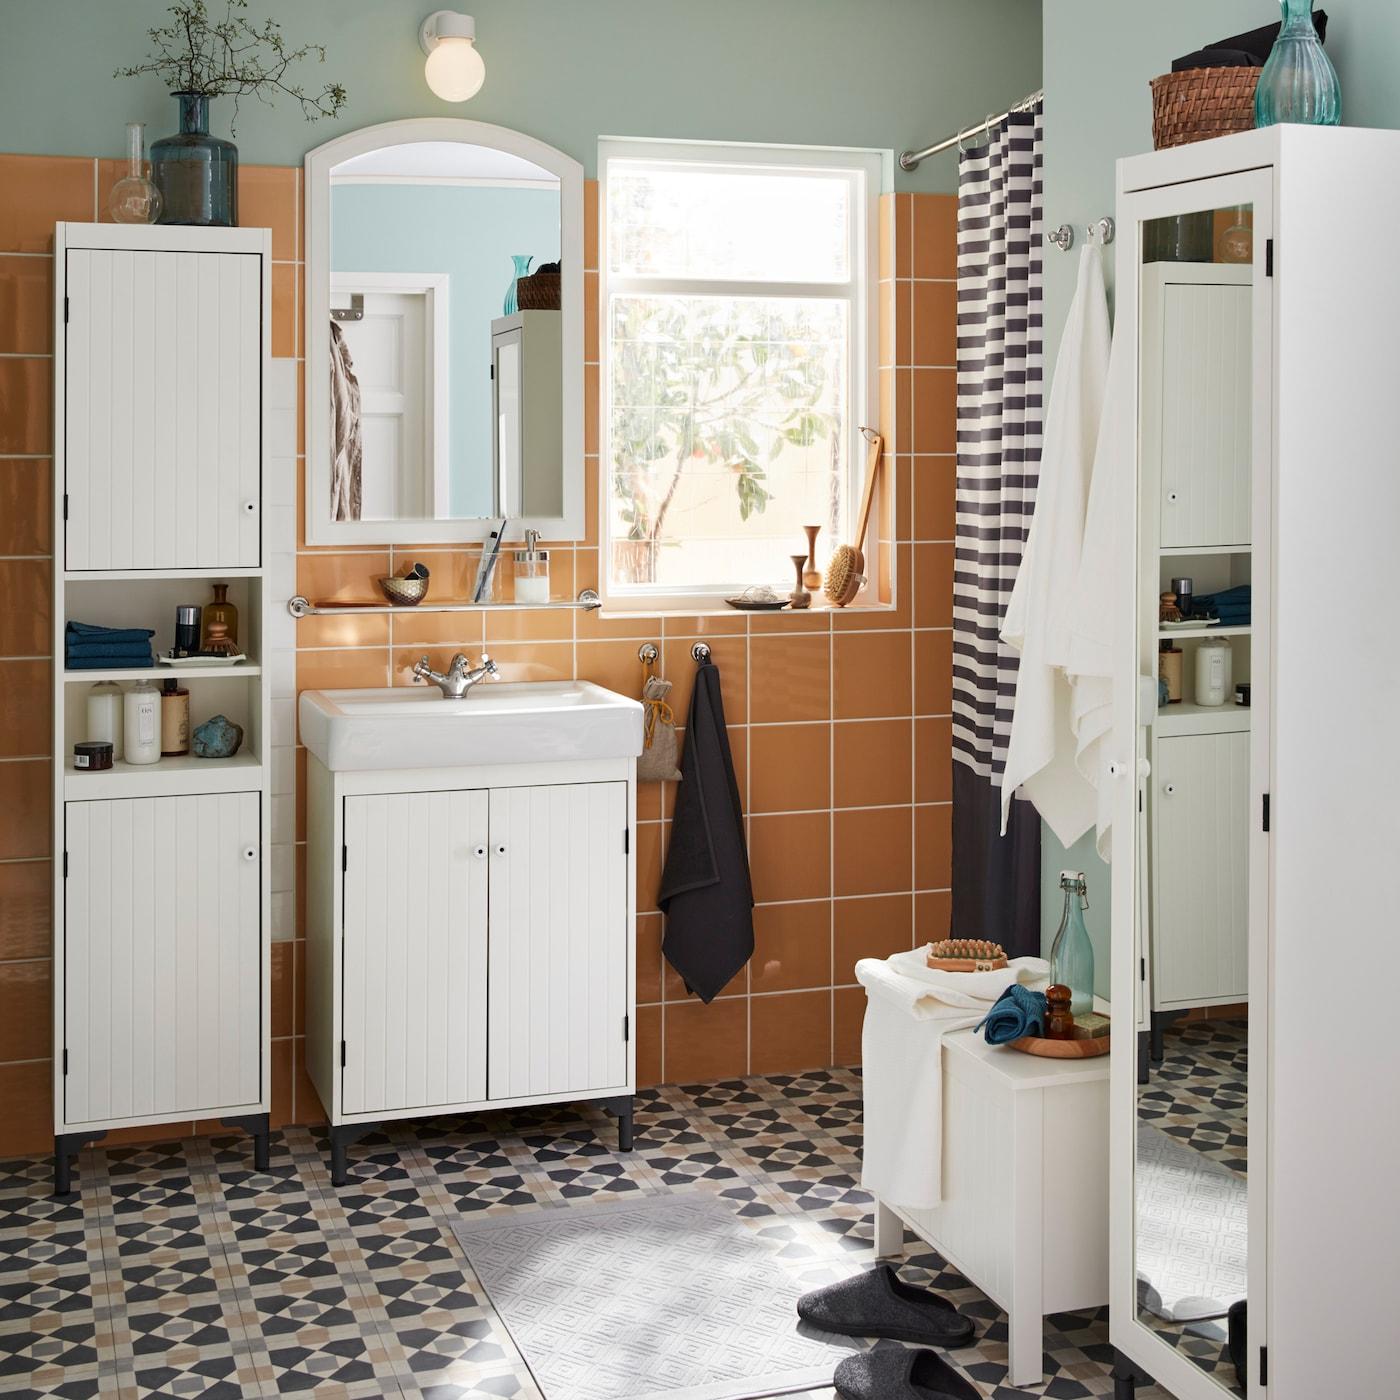 Modernisez Votre Salle De Bain Avec La Série Traditionnelle IKEA SILVERÅN:  Armoires Garnies De Portes